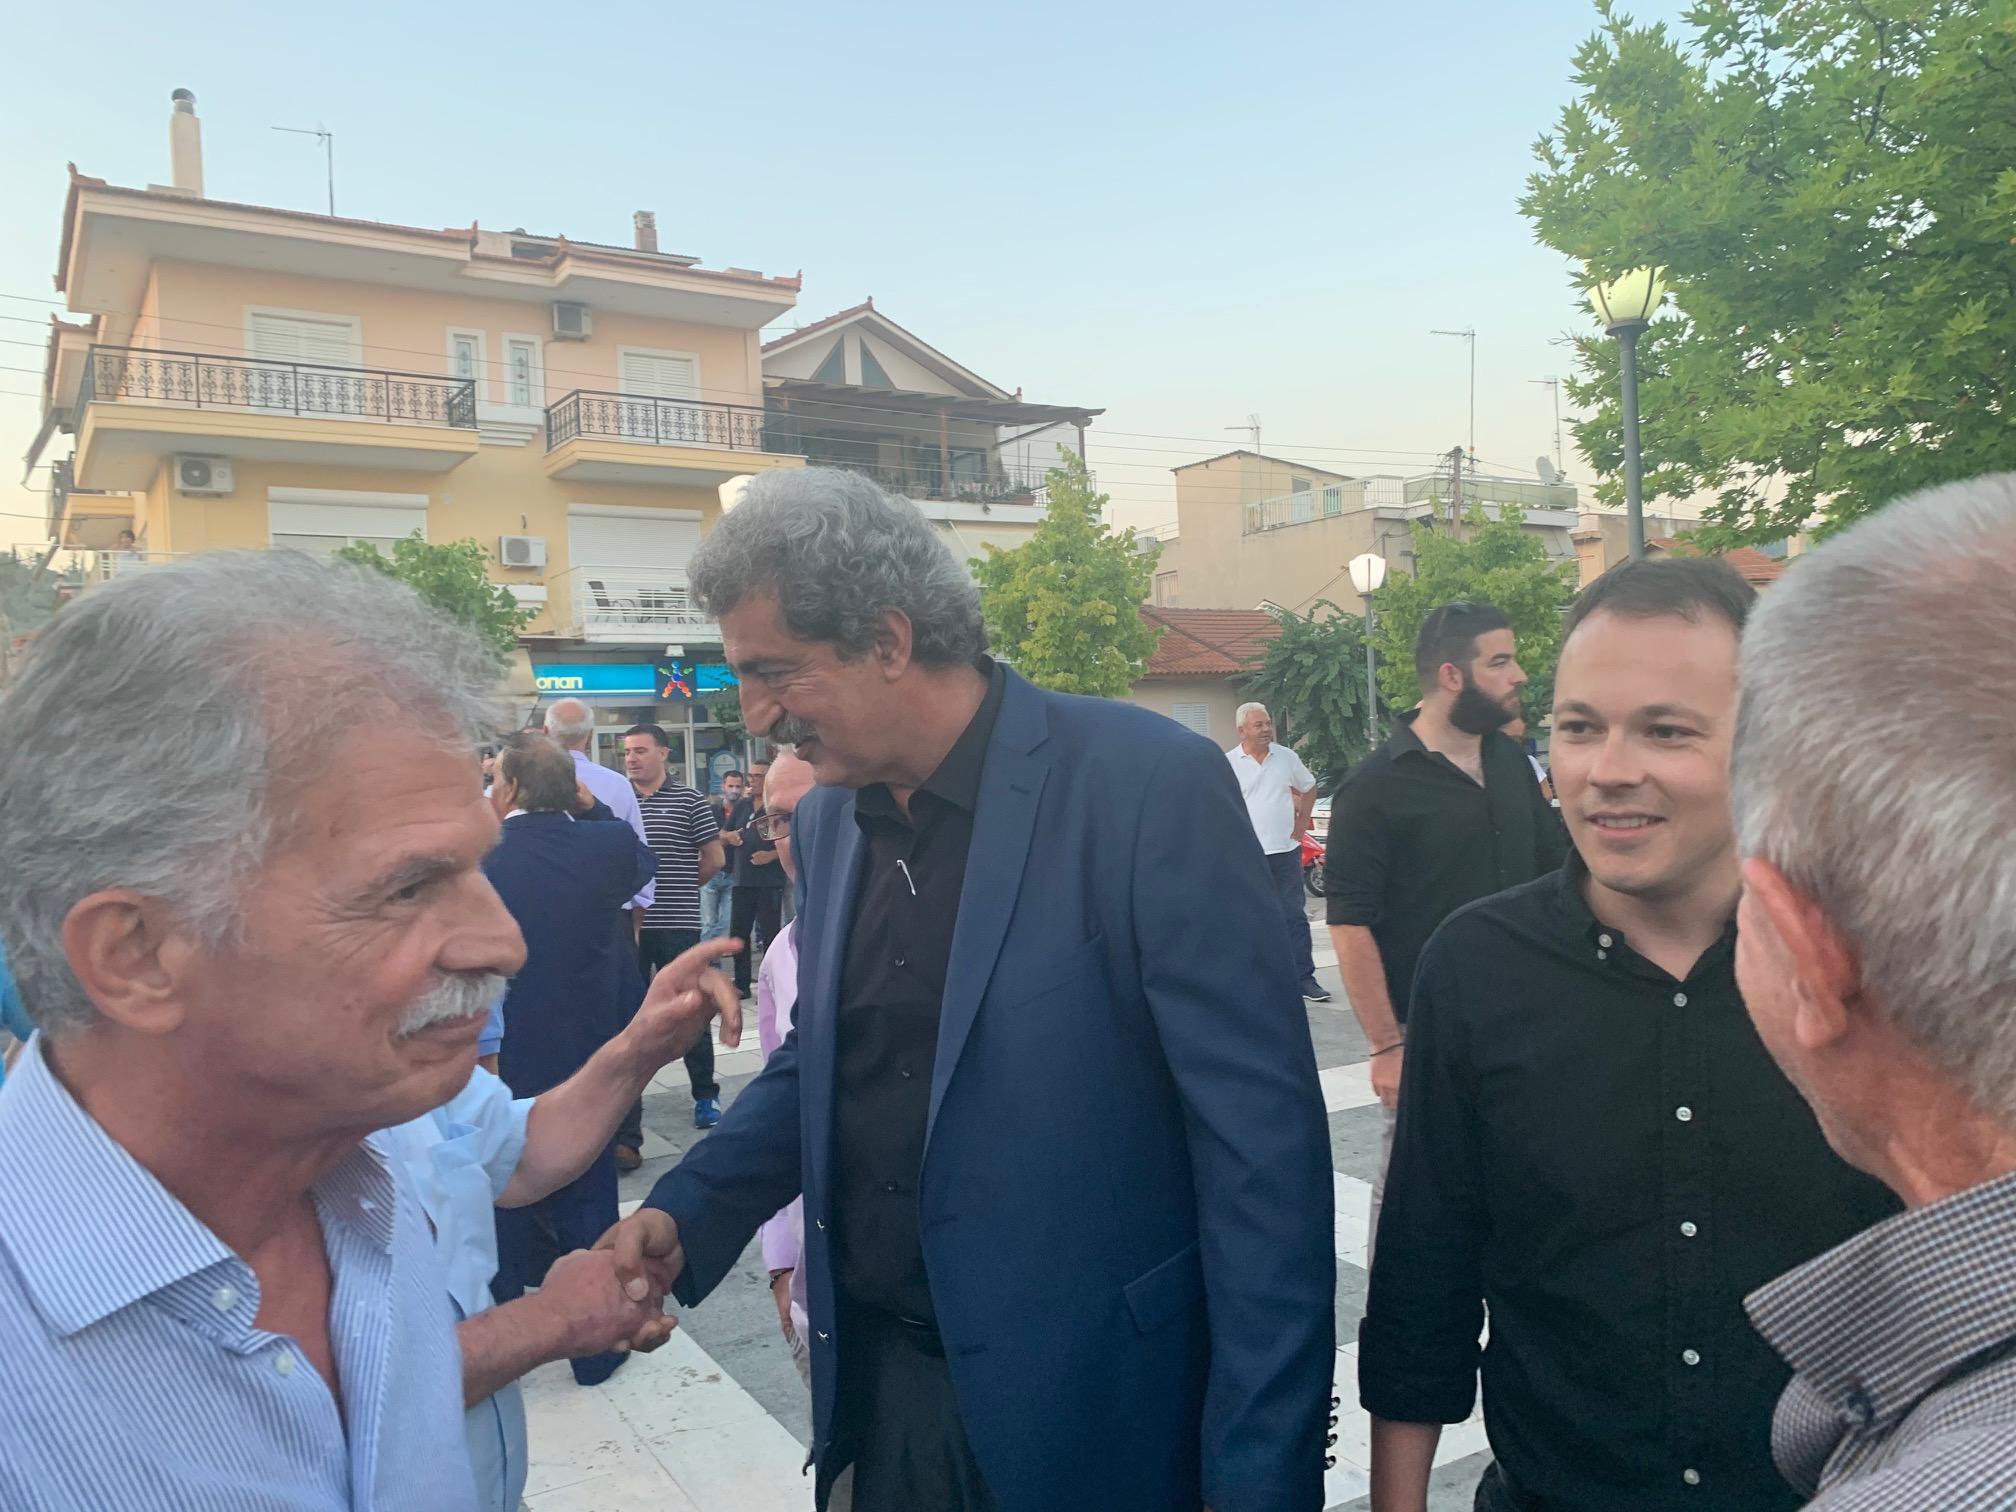 Εκδήλωση ΣΥΡΙΖΑ με Πολάκη στο Αγρίνιο και εφ' όλης της ύλης κριτική στην Κυβέρνηση